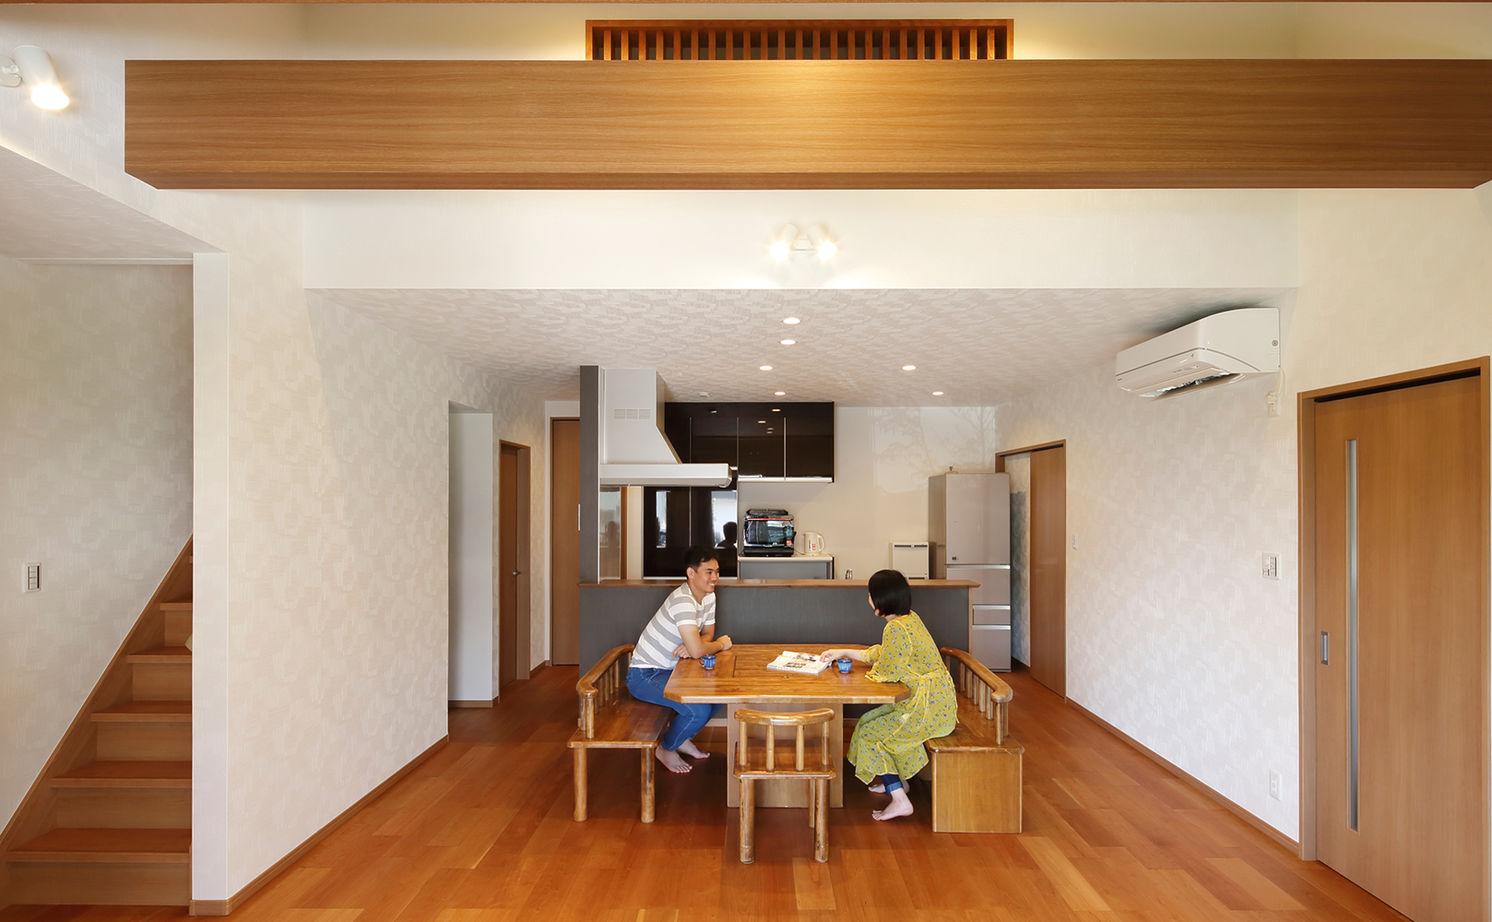 【建物本体価格2000万円台】LDKを中心に家中の空間が繋がる平屋は、常に「家族一緒」を感じられる住まい画像2